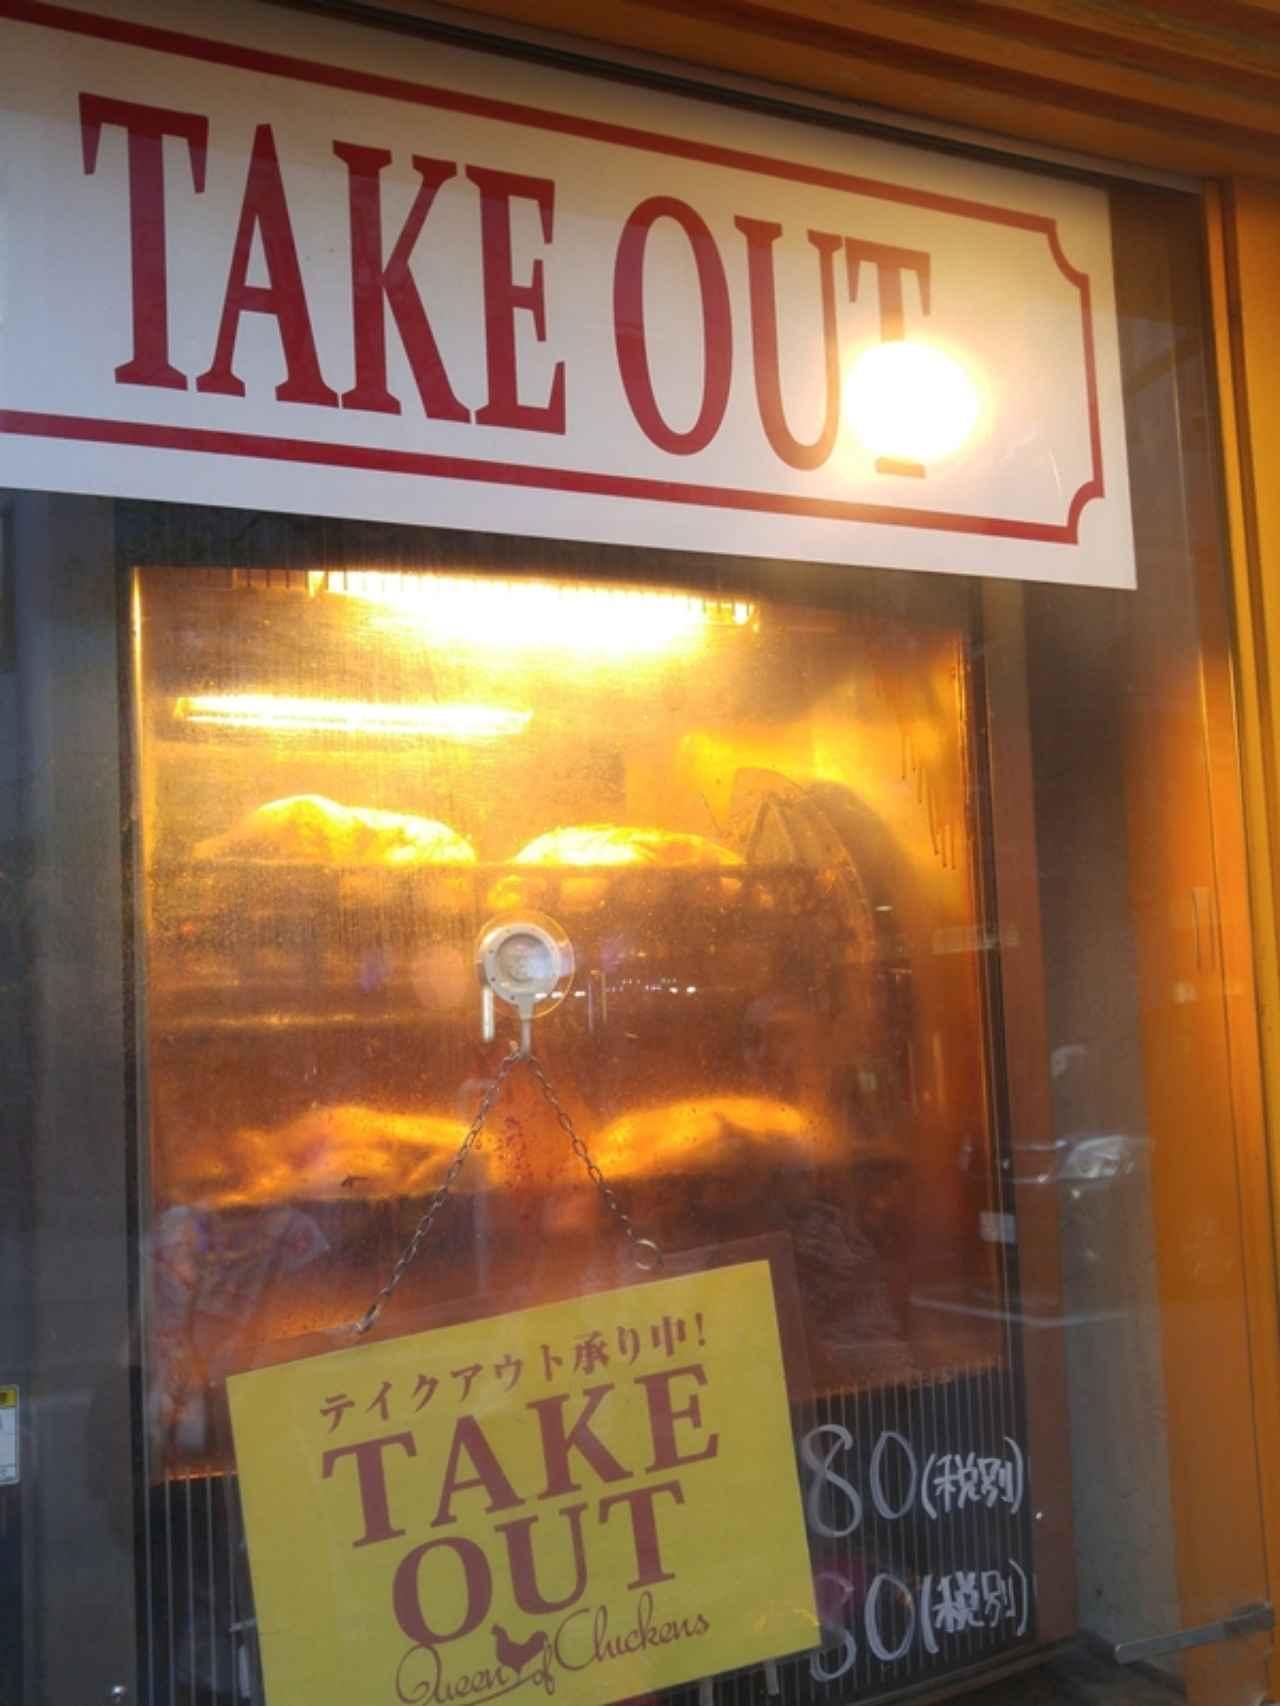 画像1: 【体験レポ】 『QUEEN OF CHICKENS』の本場を超えたロティサリーチキンをライブ感満載で体験してきました!